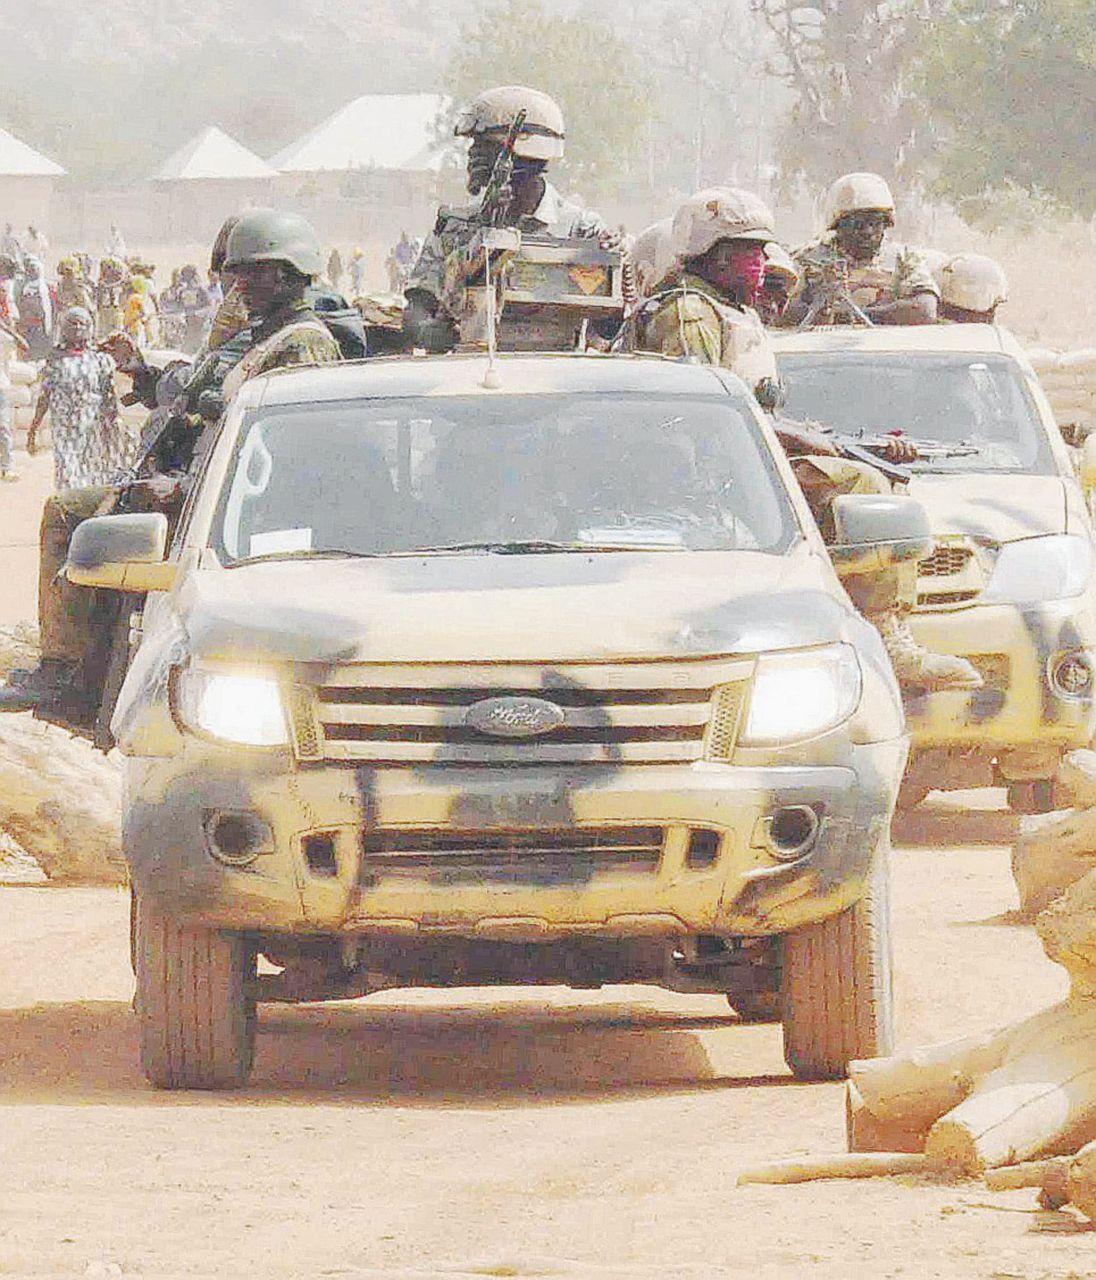 """Il """"fantasma"""" al Fezzani riappare con Boko Haram"""